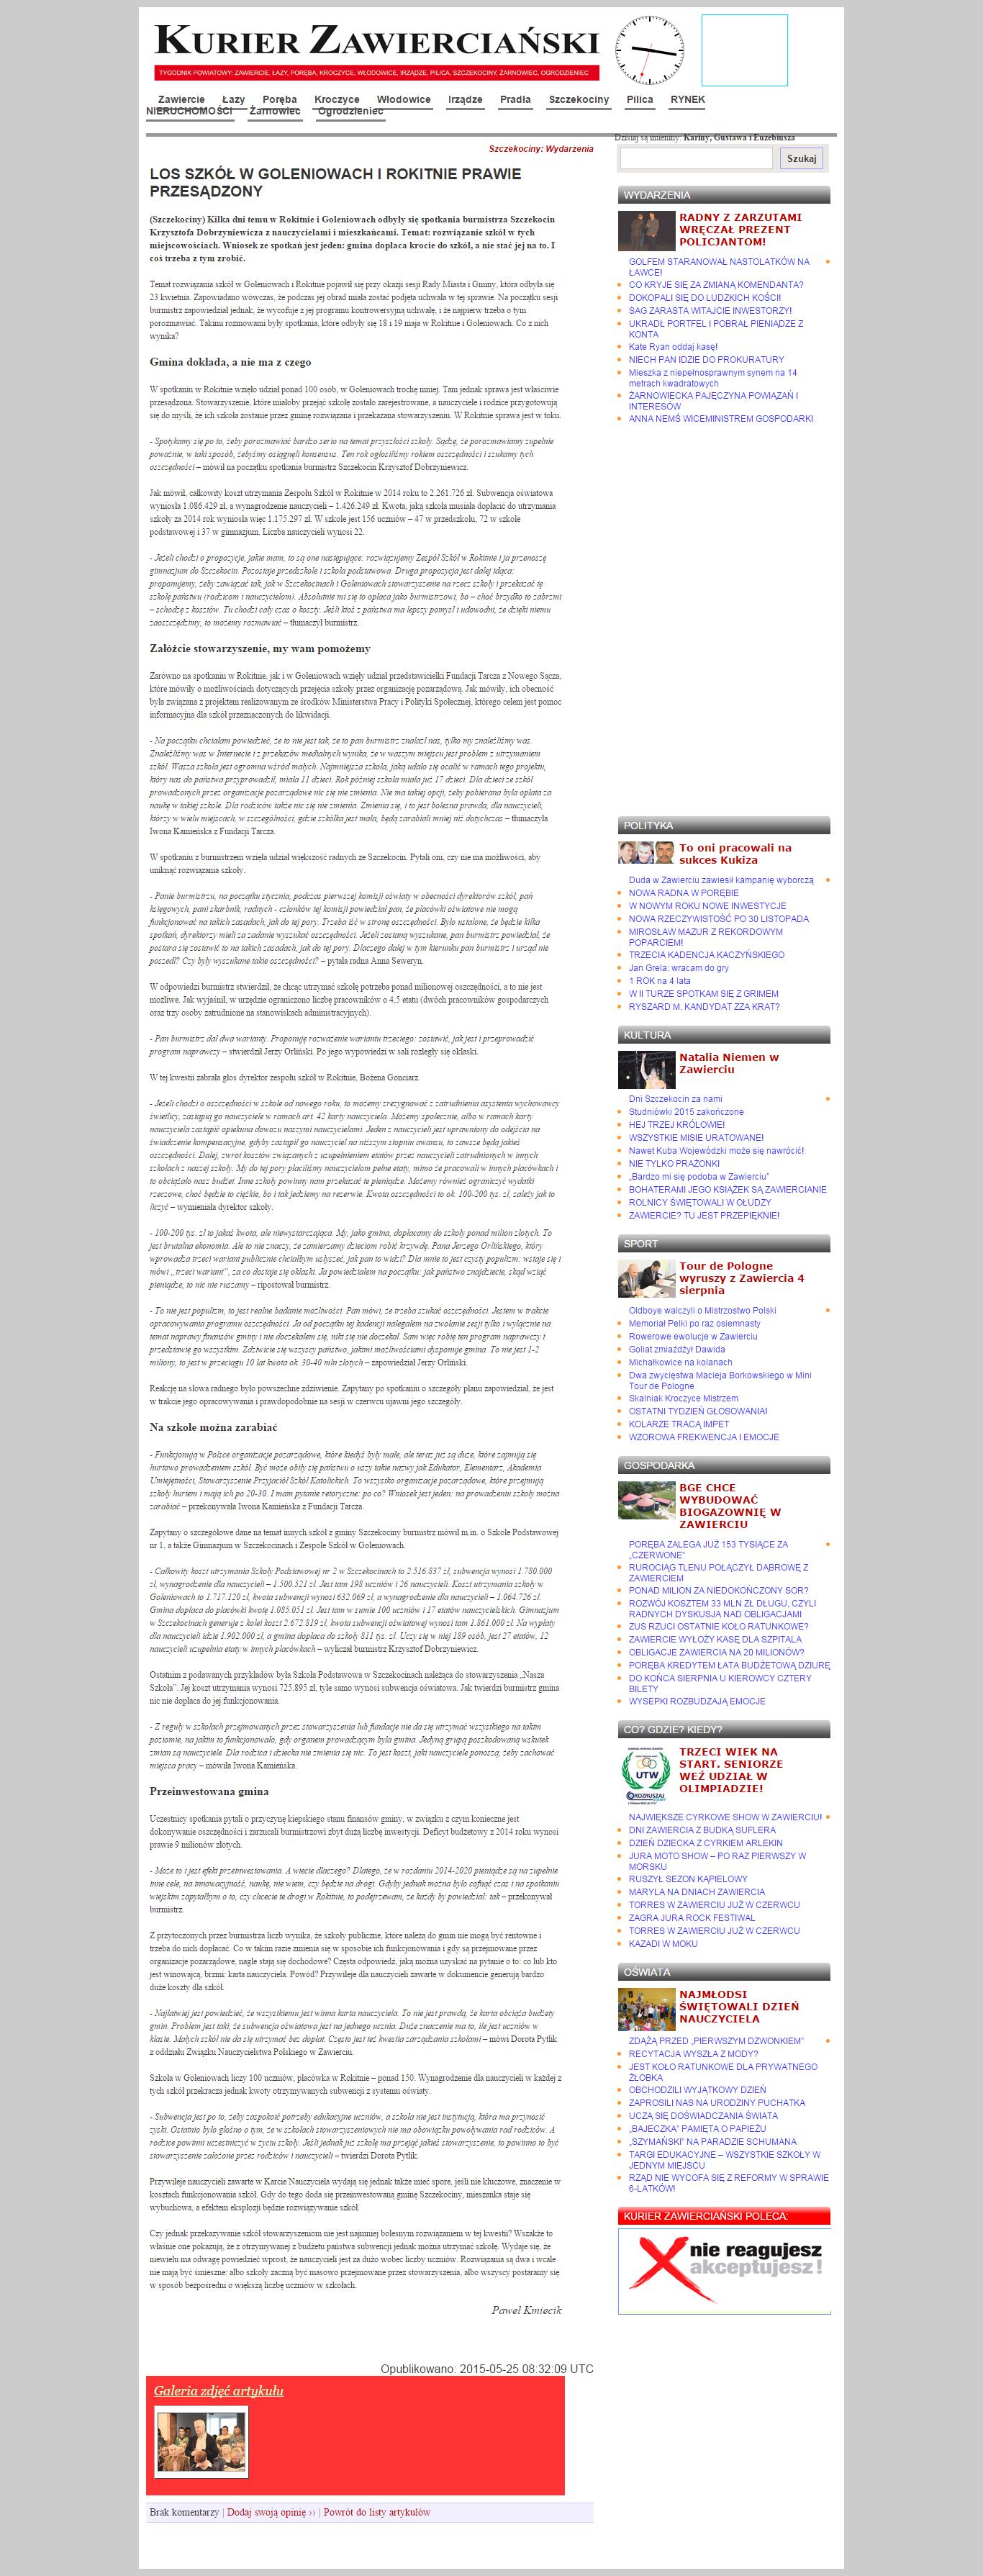 Ogoszenia - ilctc.org